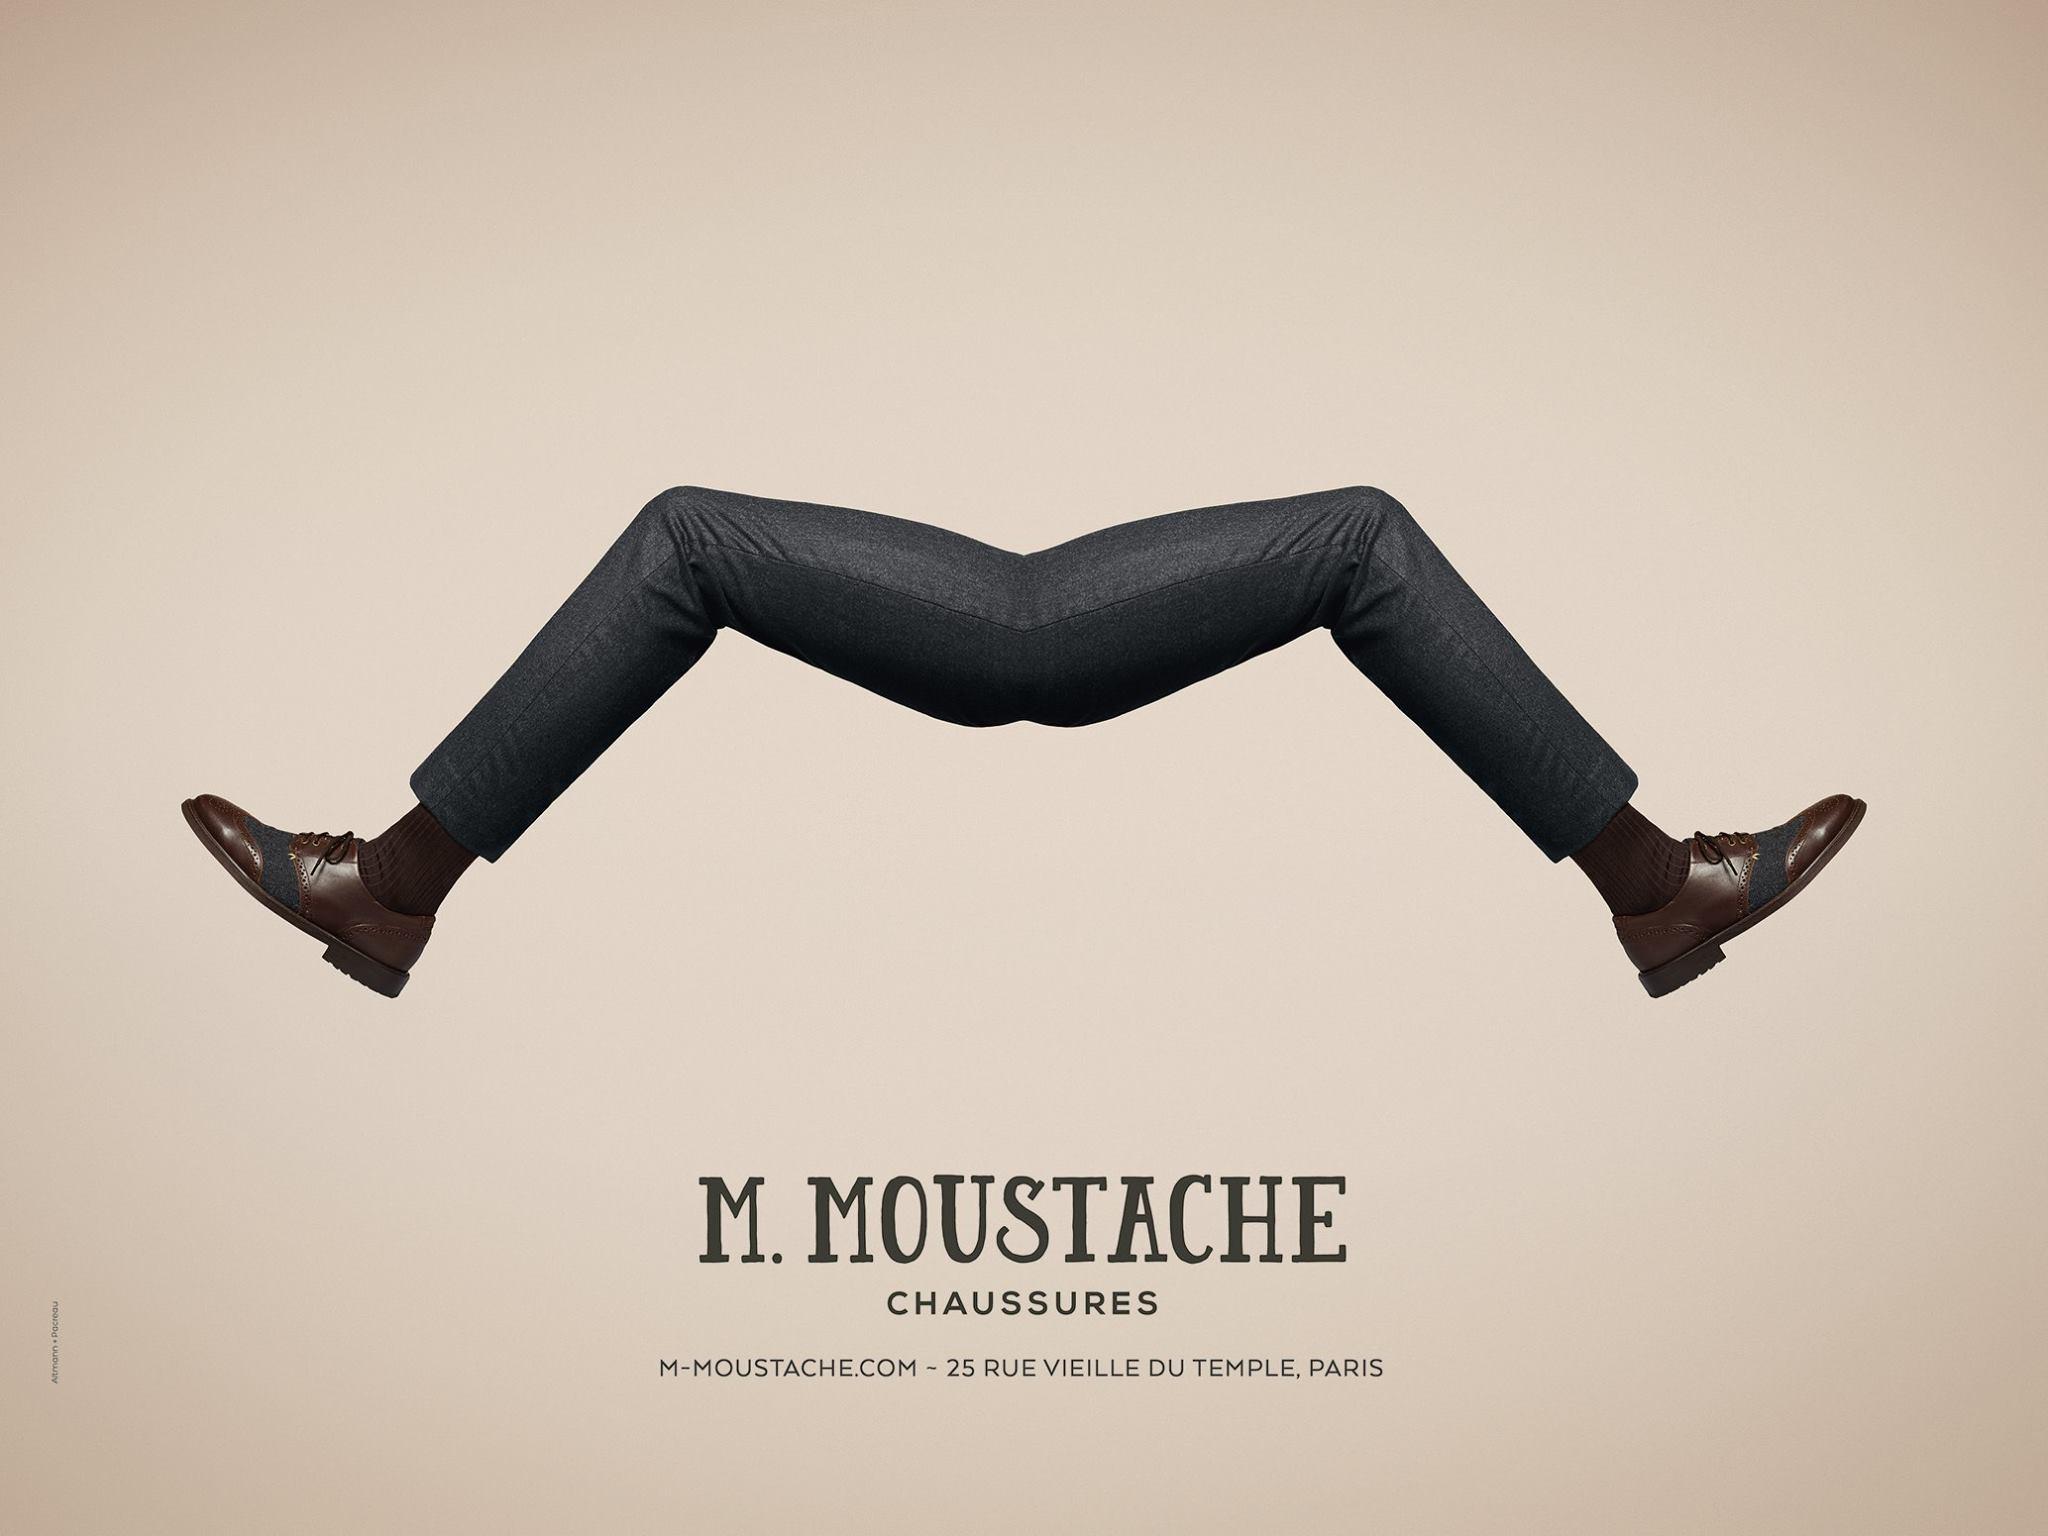 m-monsieur-moustache-chaussures-paris-rue-vieille-du-temple-publicite-affiche-agence-altmann-pacreau-2